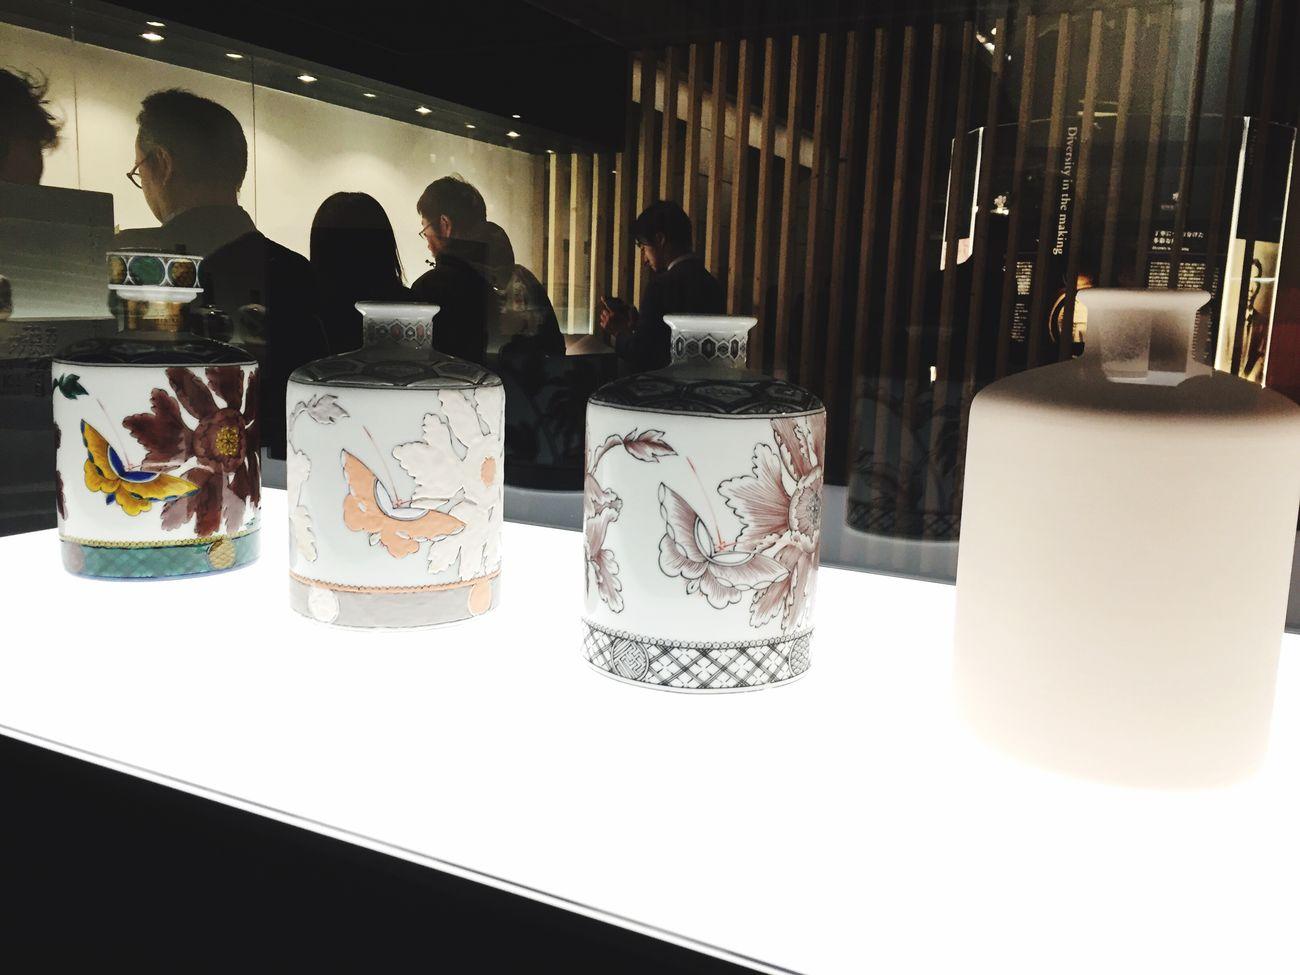 響35年 九谷焼ボトルの作成工程 六本木アートナイト